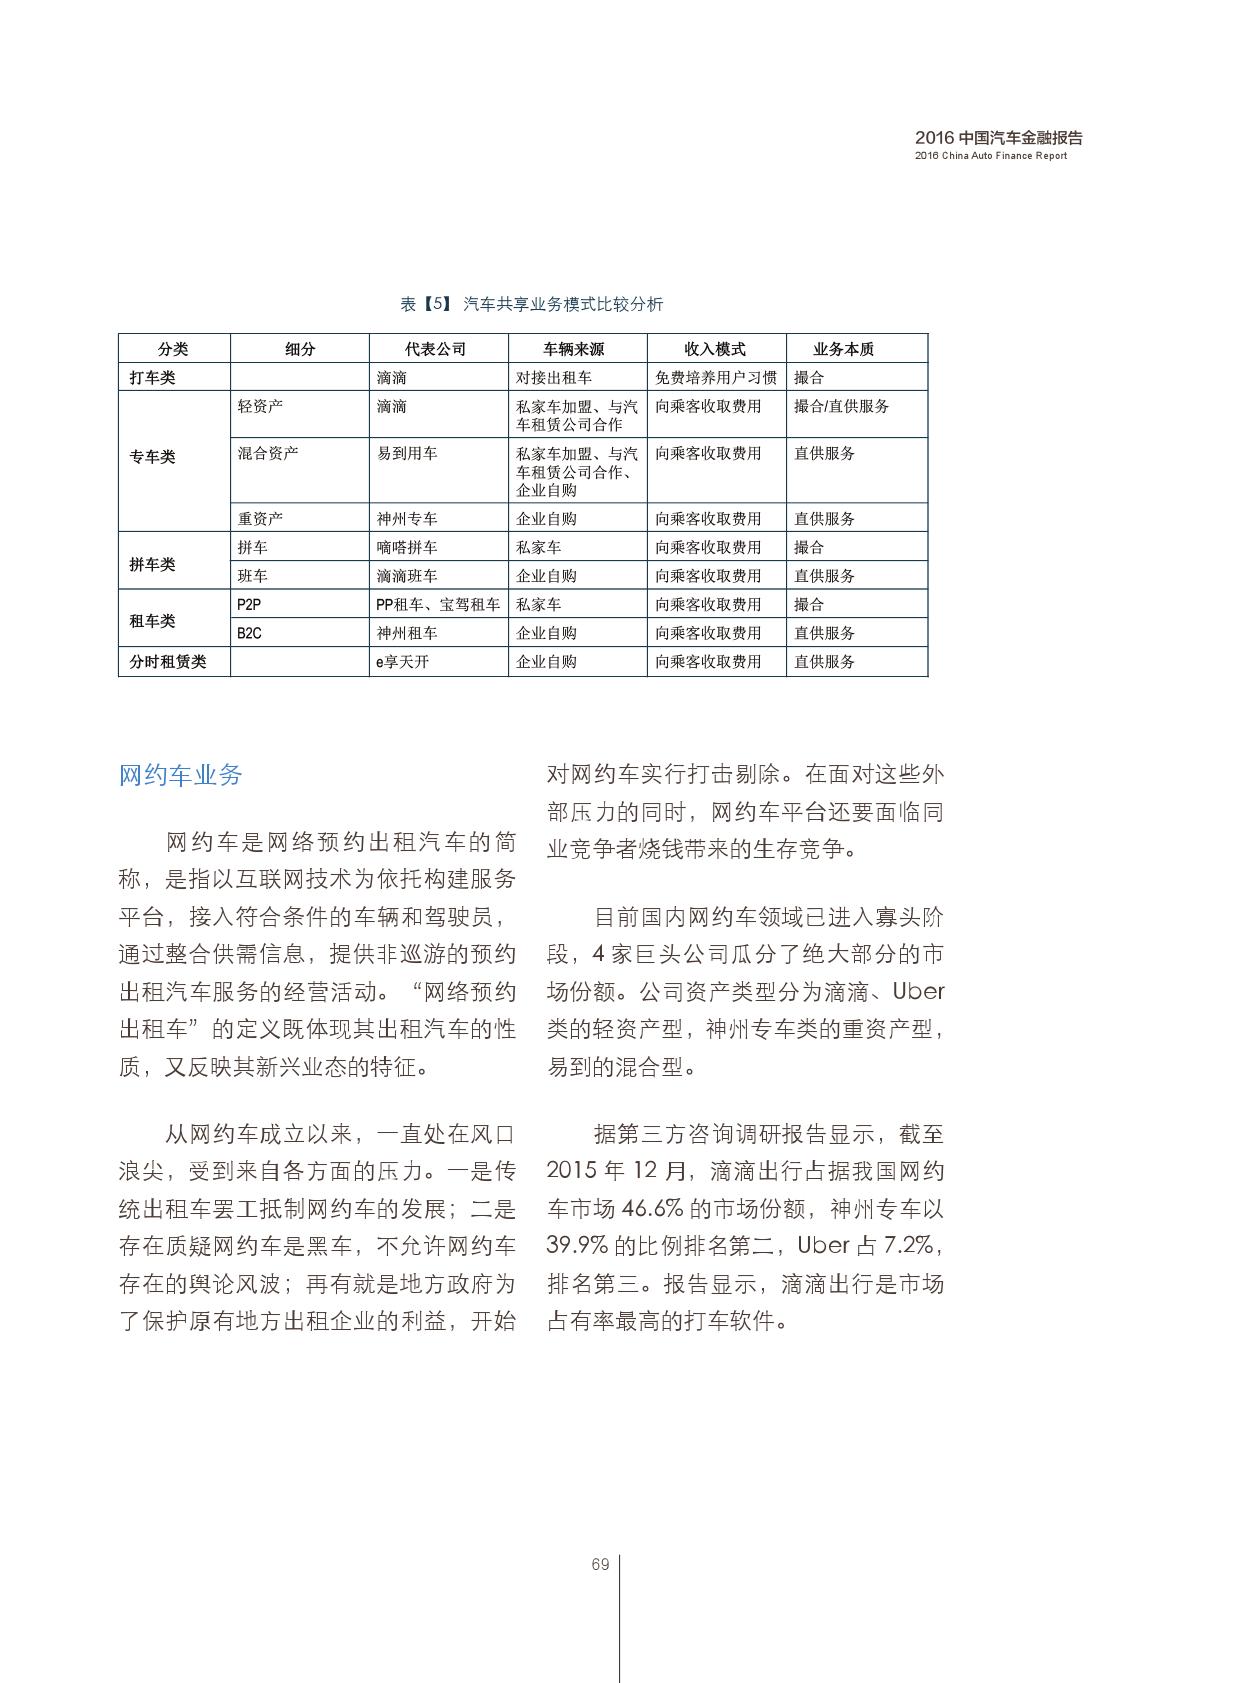 2016中国汽车金融报告_000070